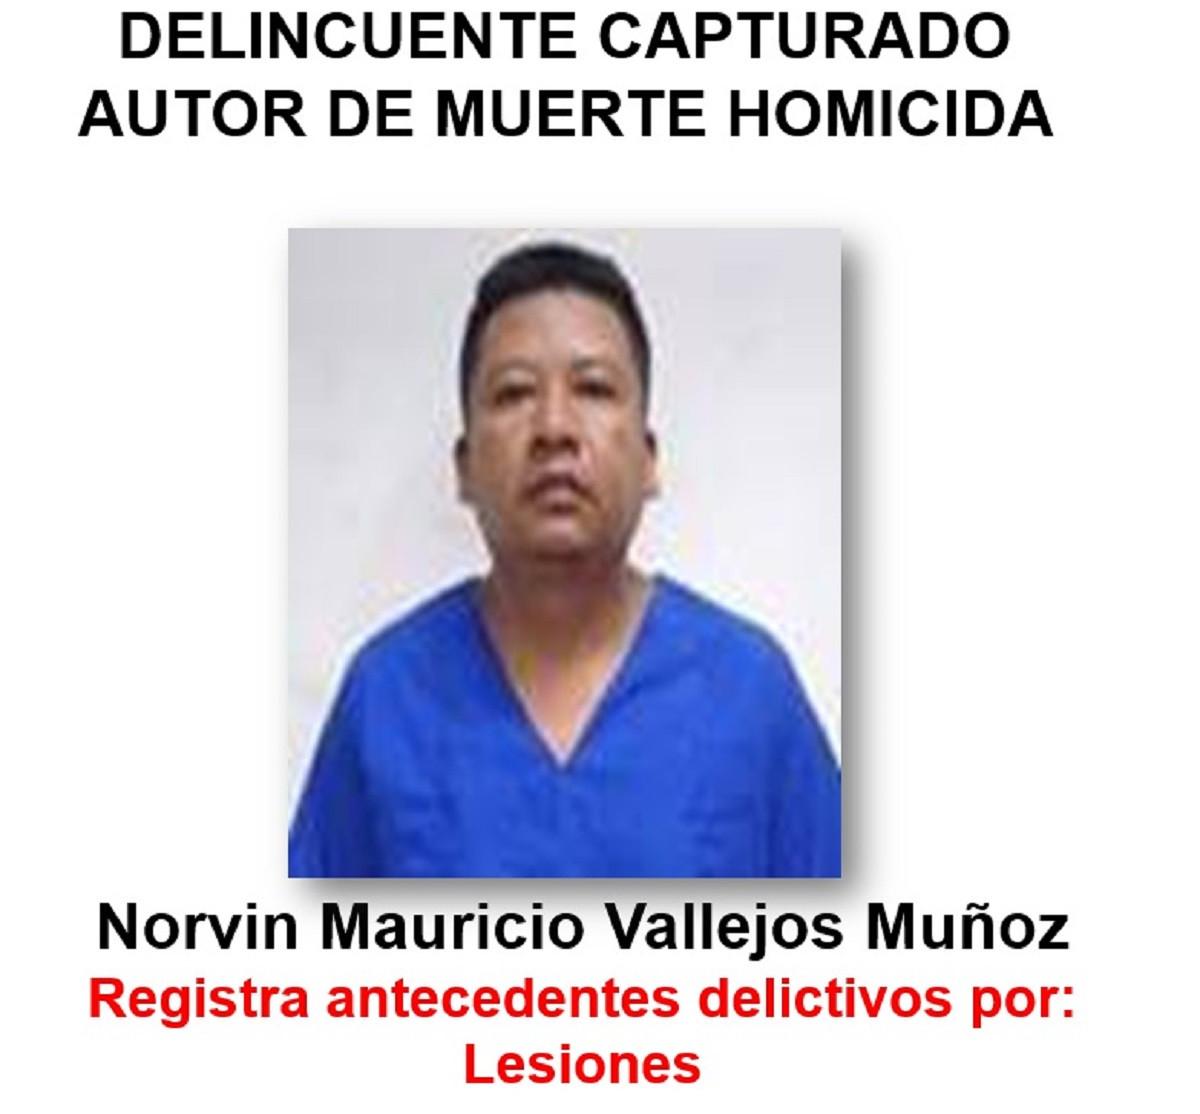 Norvin Mauricio Vallejos Muñoz